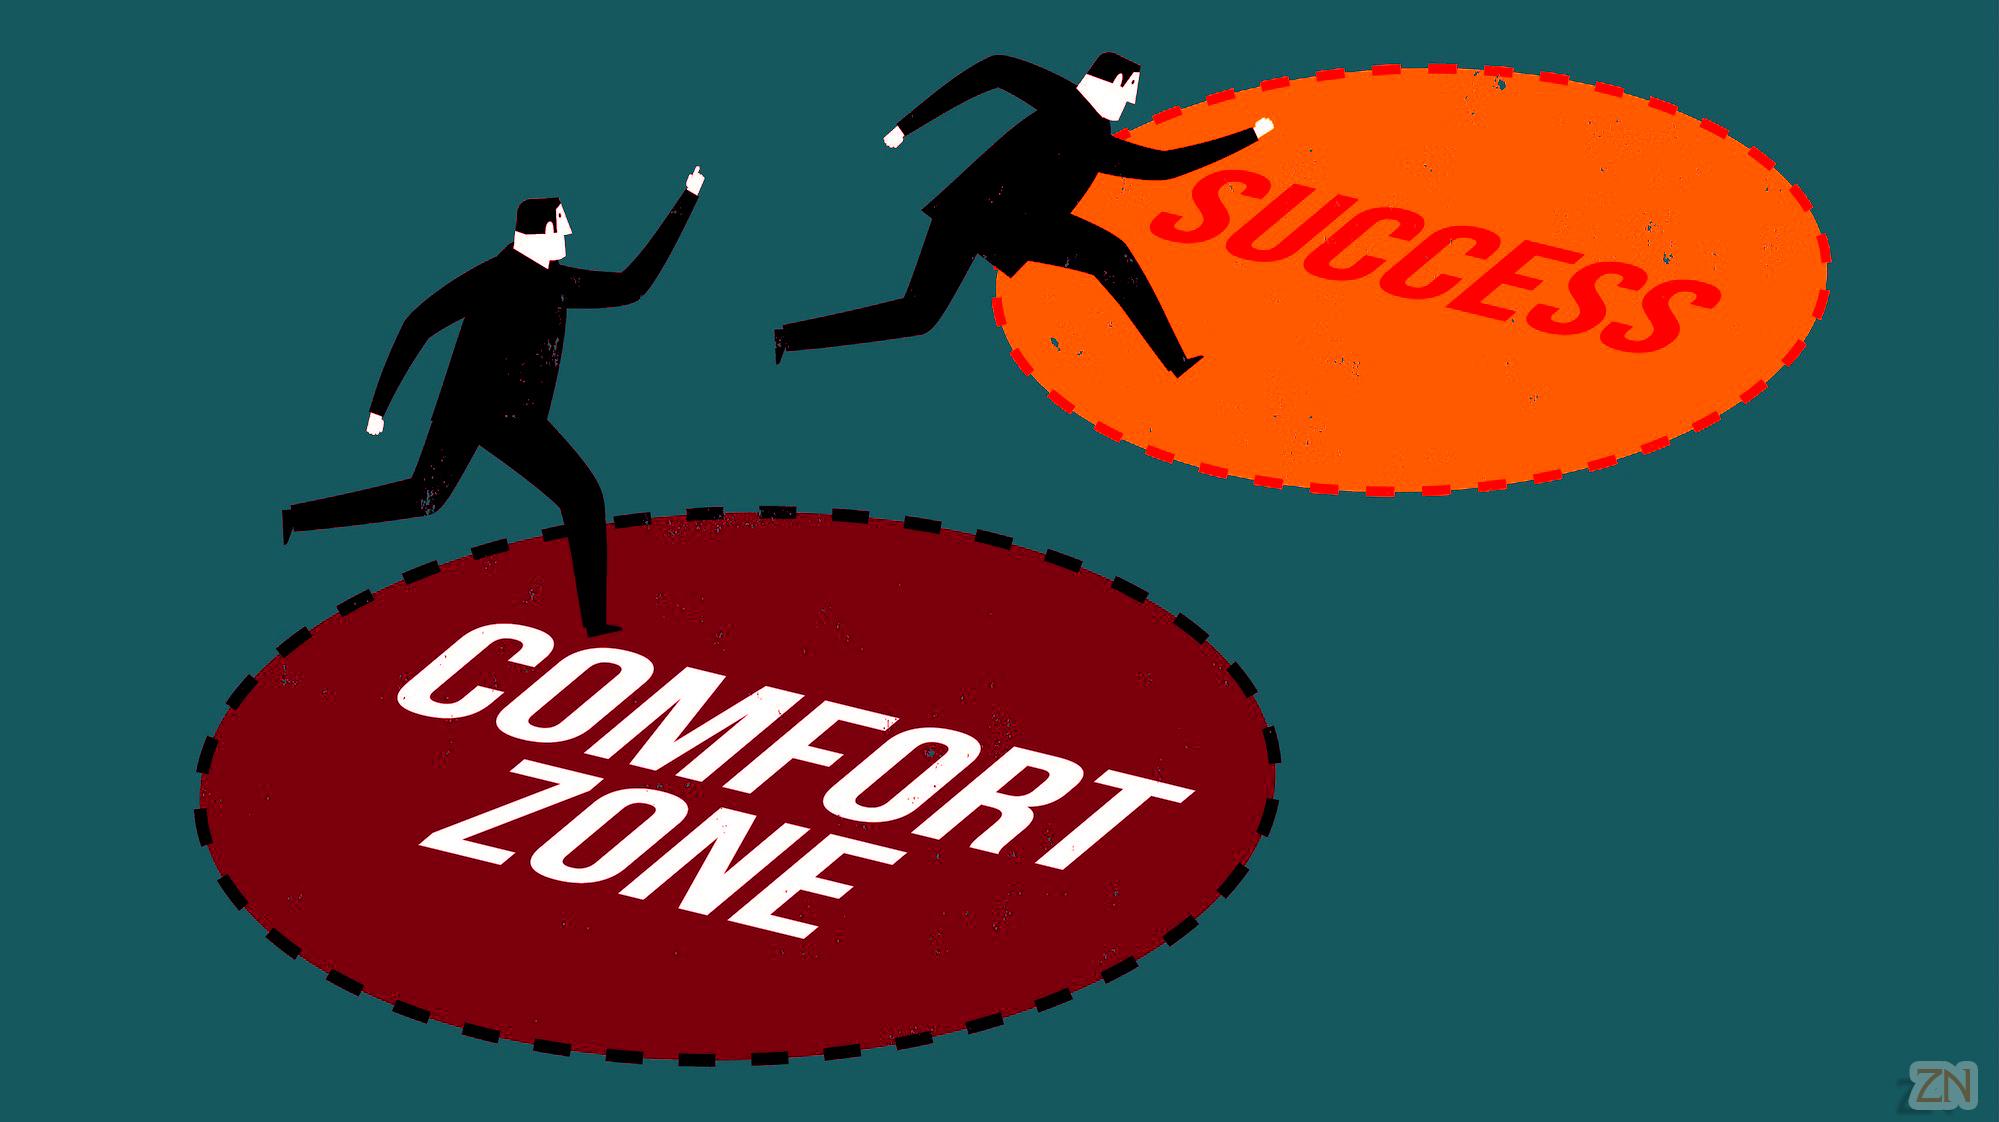 Comfort Zone dari Zingga Nusantara